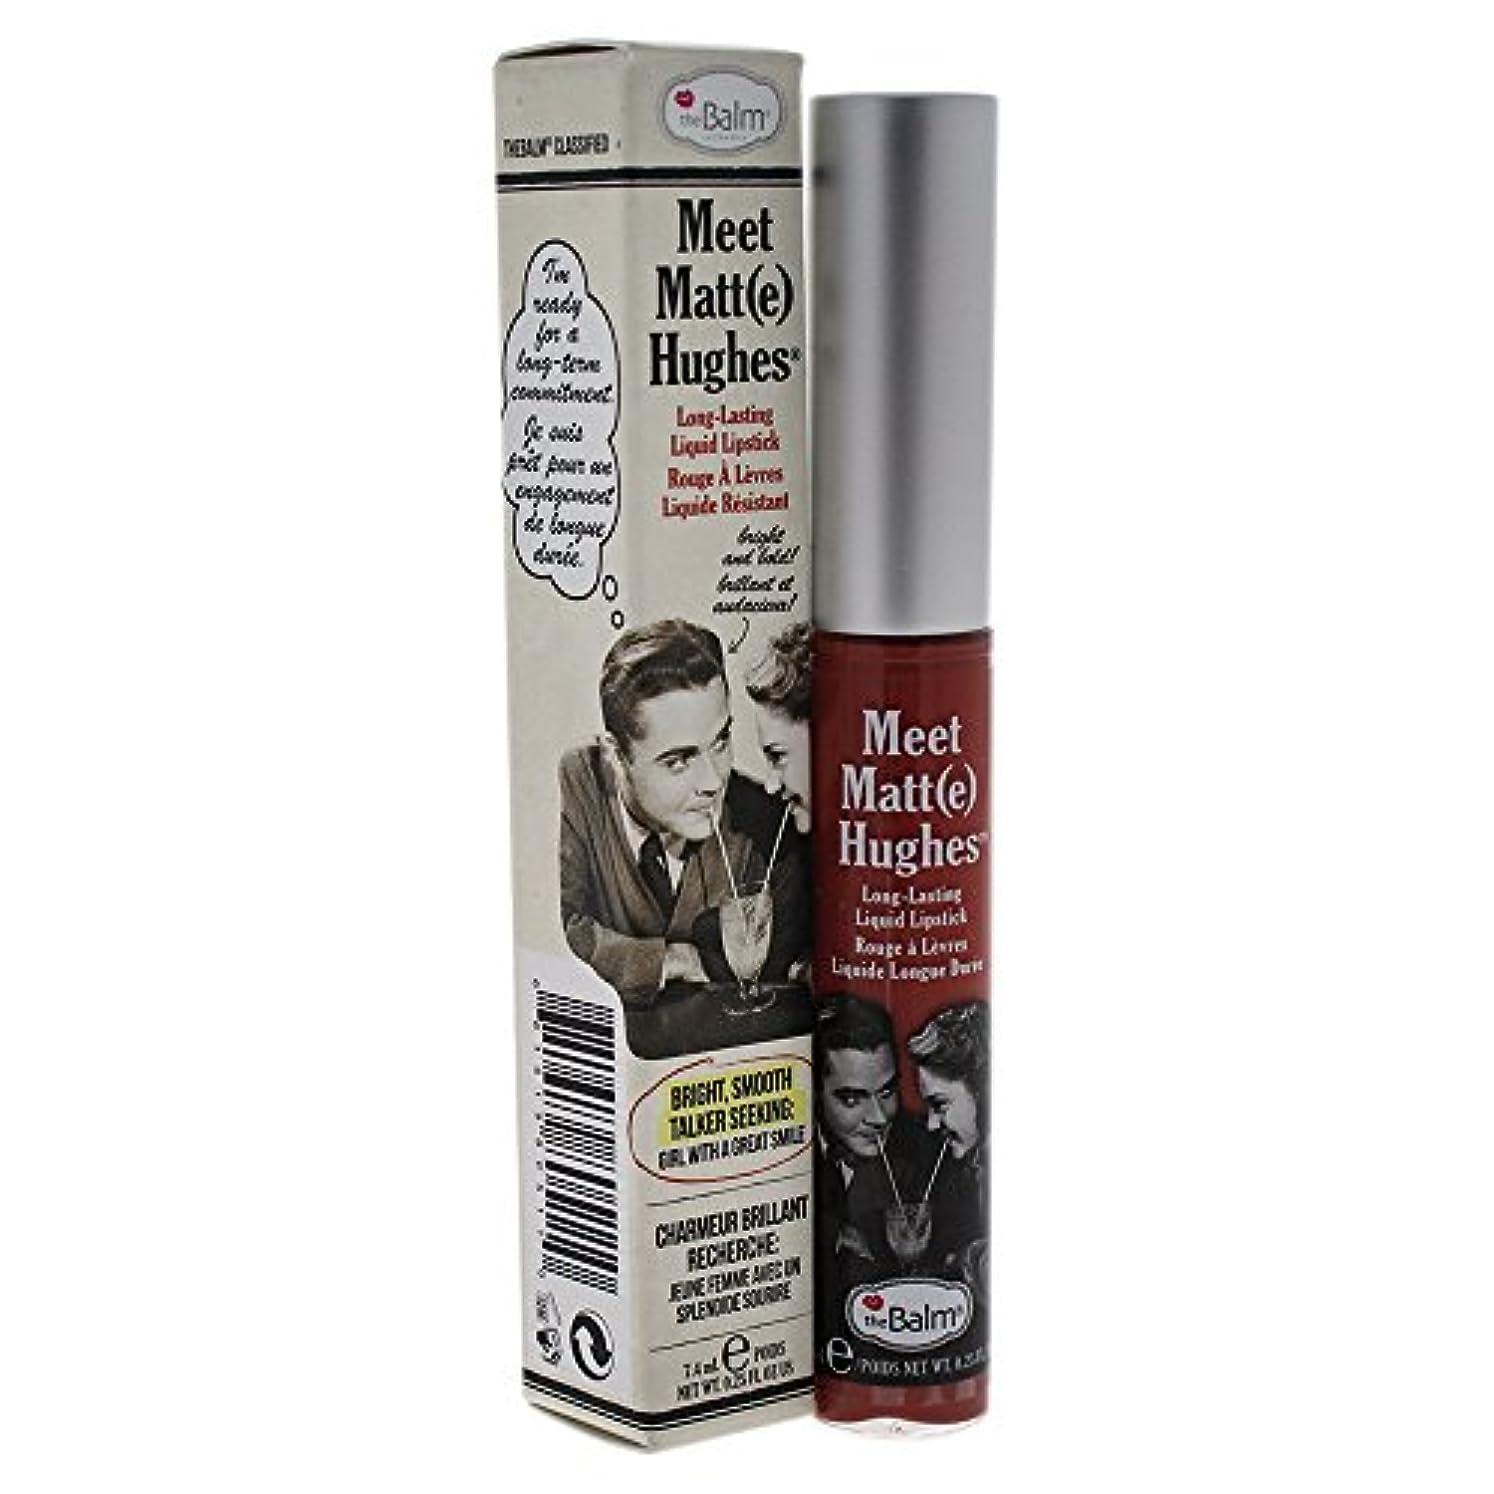 期限わかる四半期ザバーム Meet Matte Hughes Long Lasting Liquid Lipstick - Committed 7.4ml/0.25oz並行輸入品